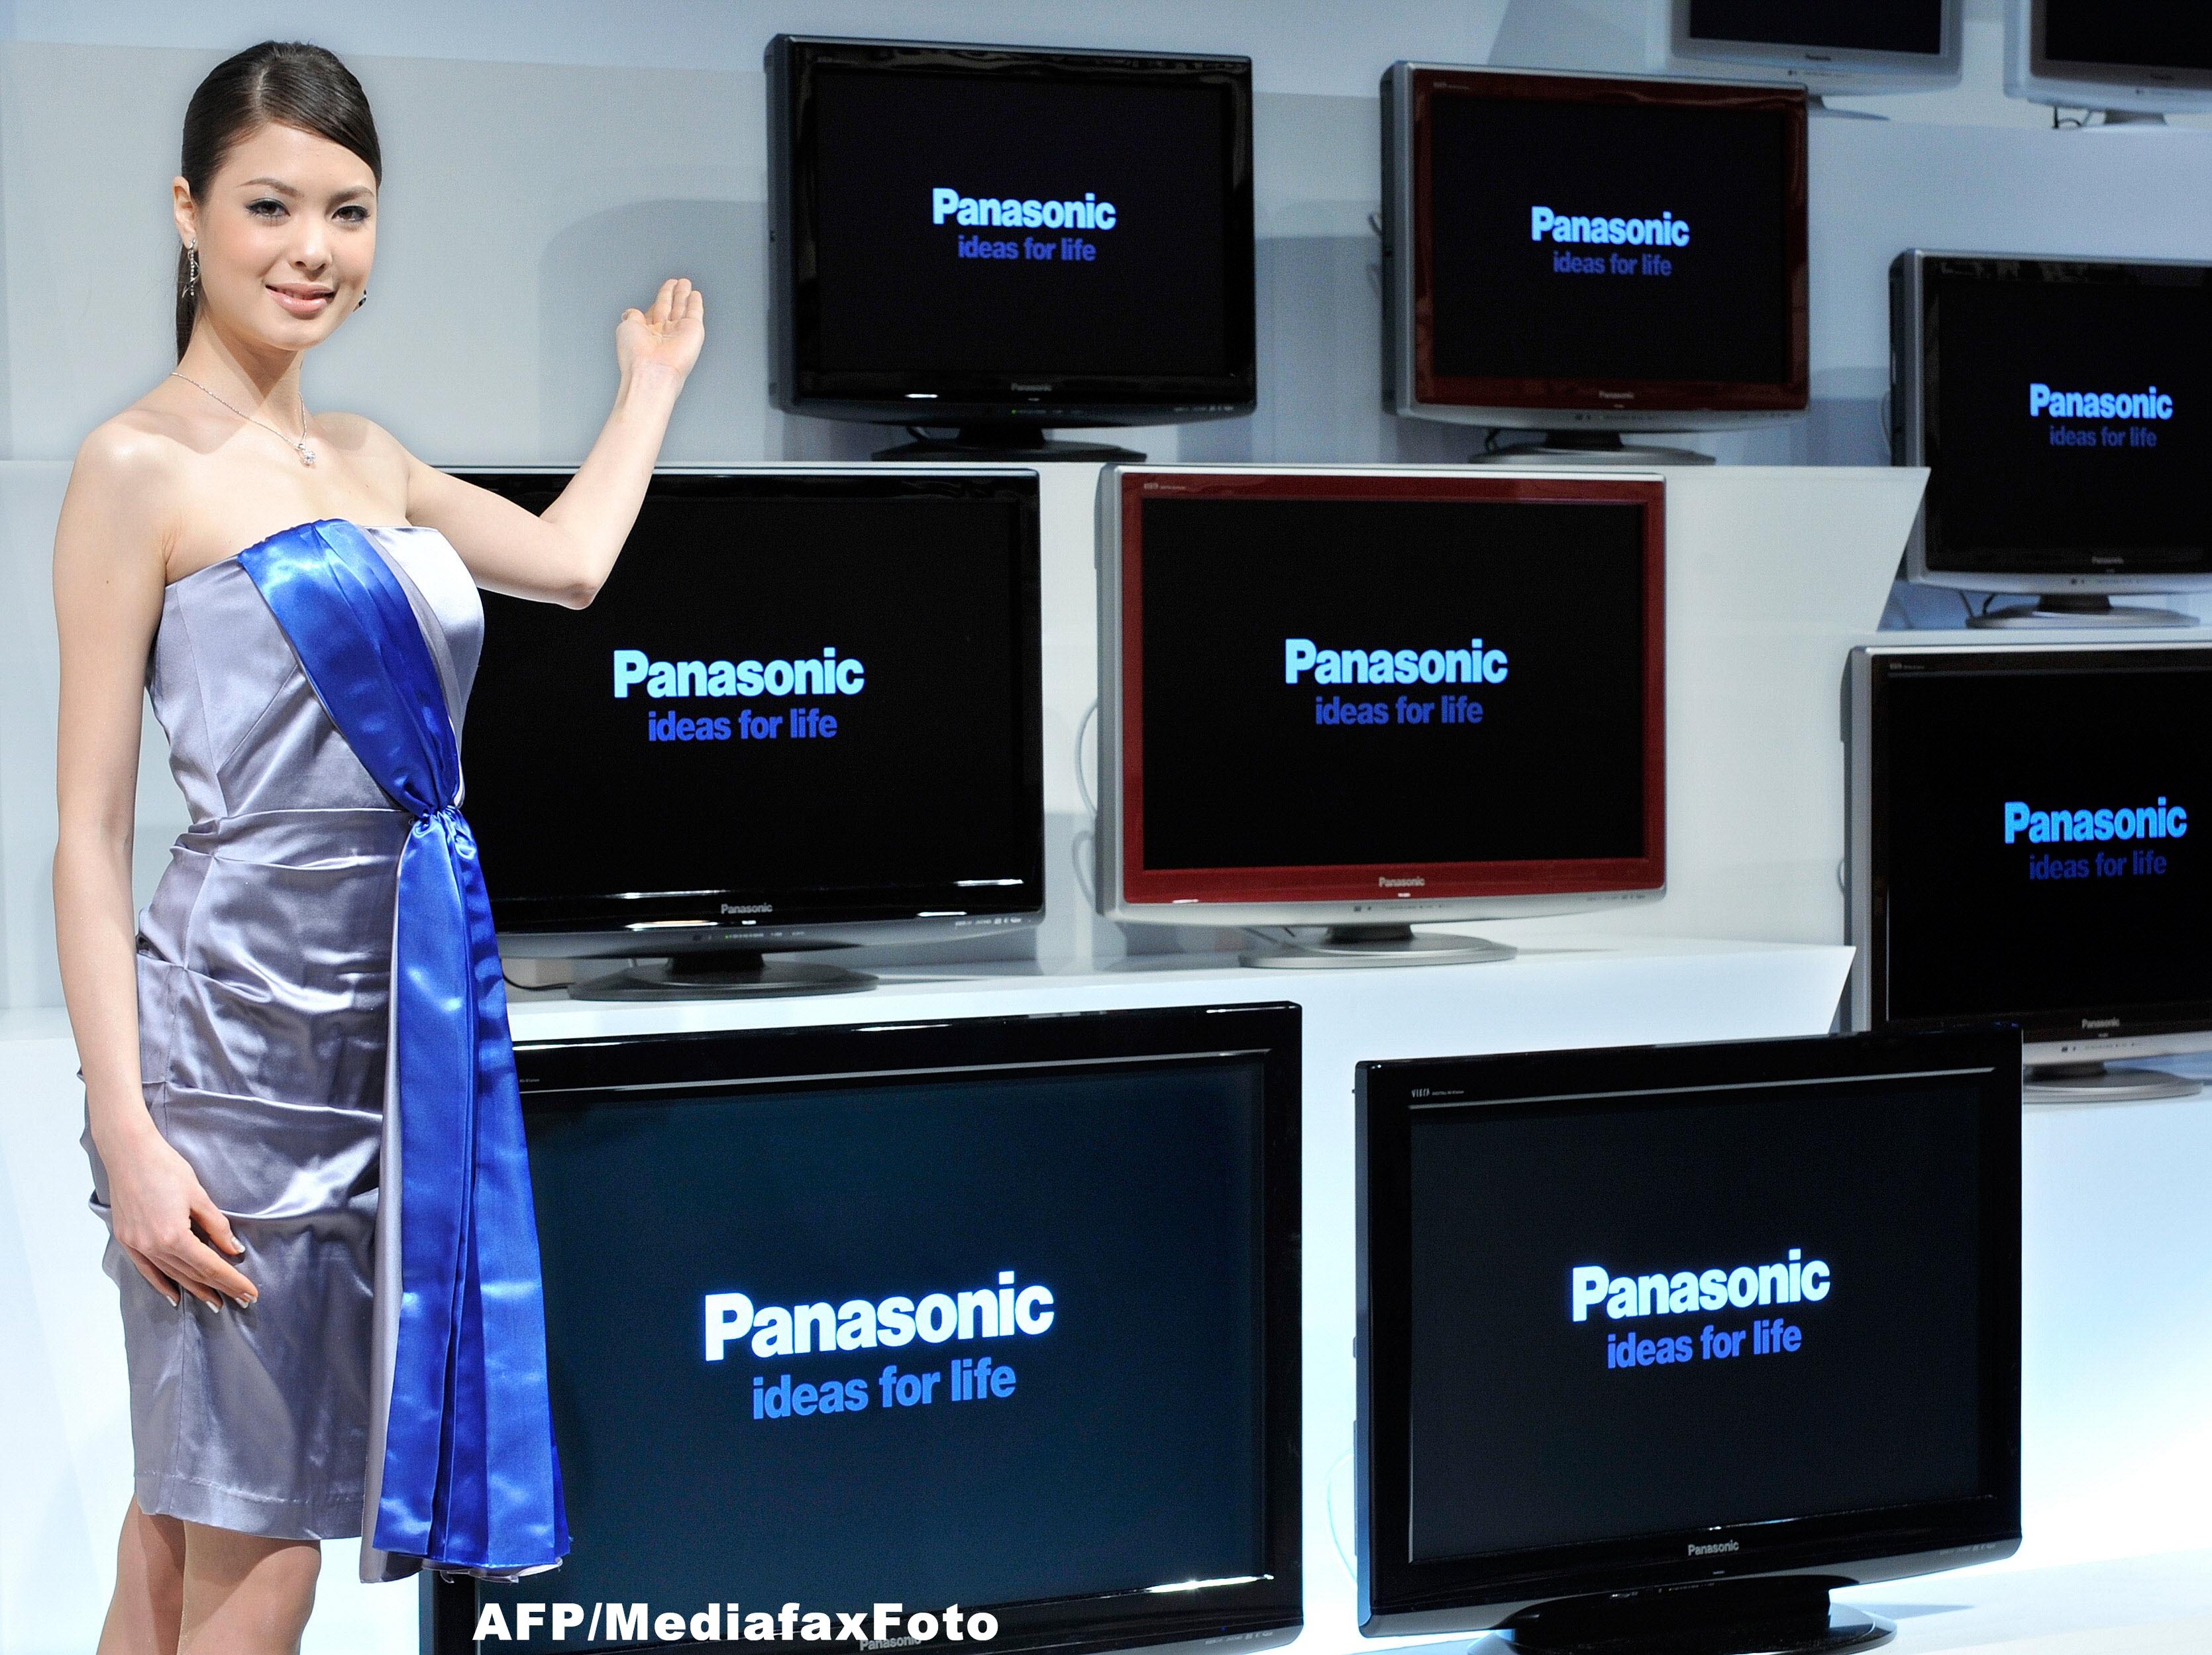 Sfarsitul unei ere. Liderul televizoarelor cu plasma, Panasonic, va opri productia din acest domeniu